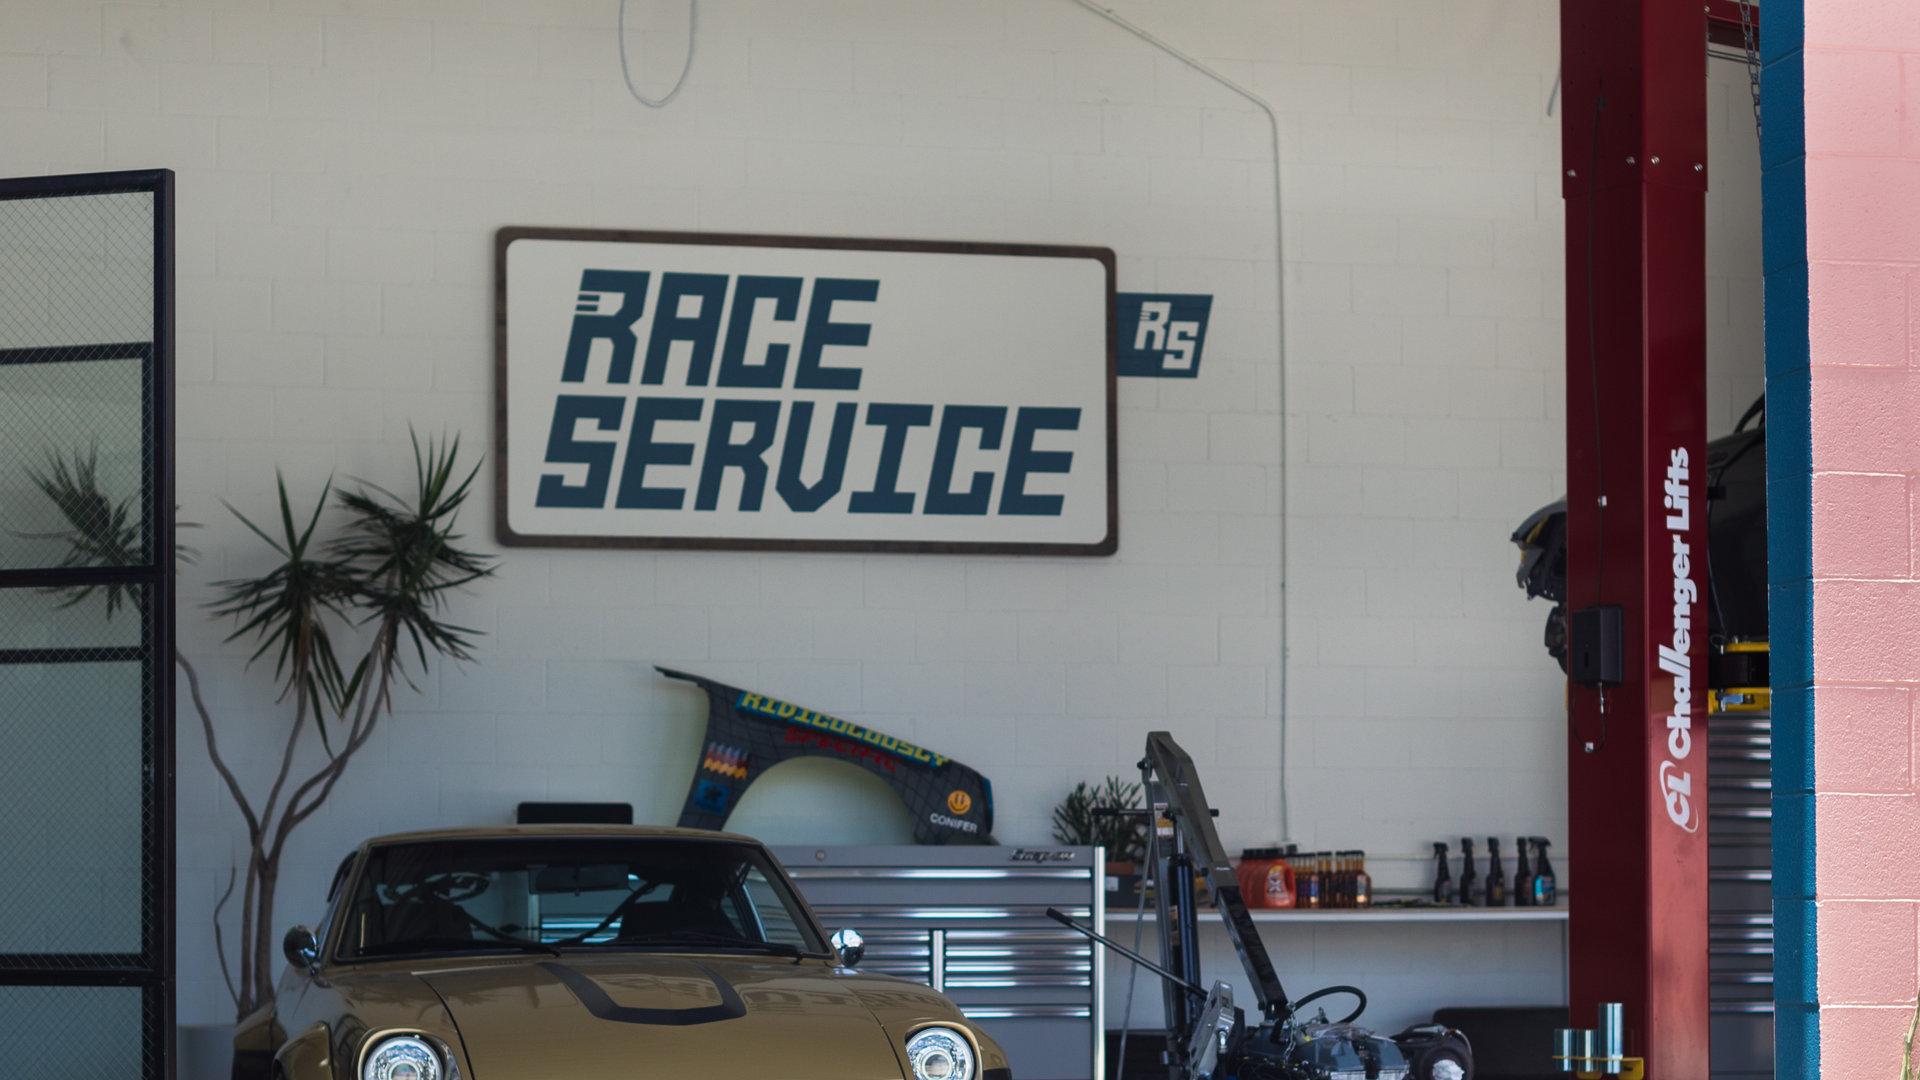 raceservice27.jpg